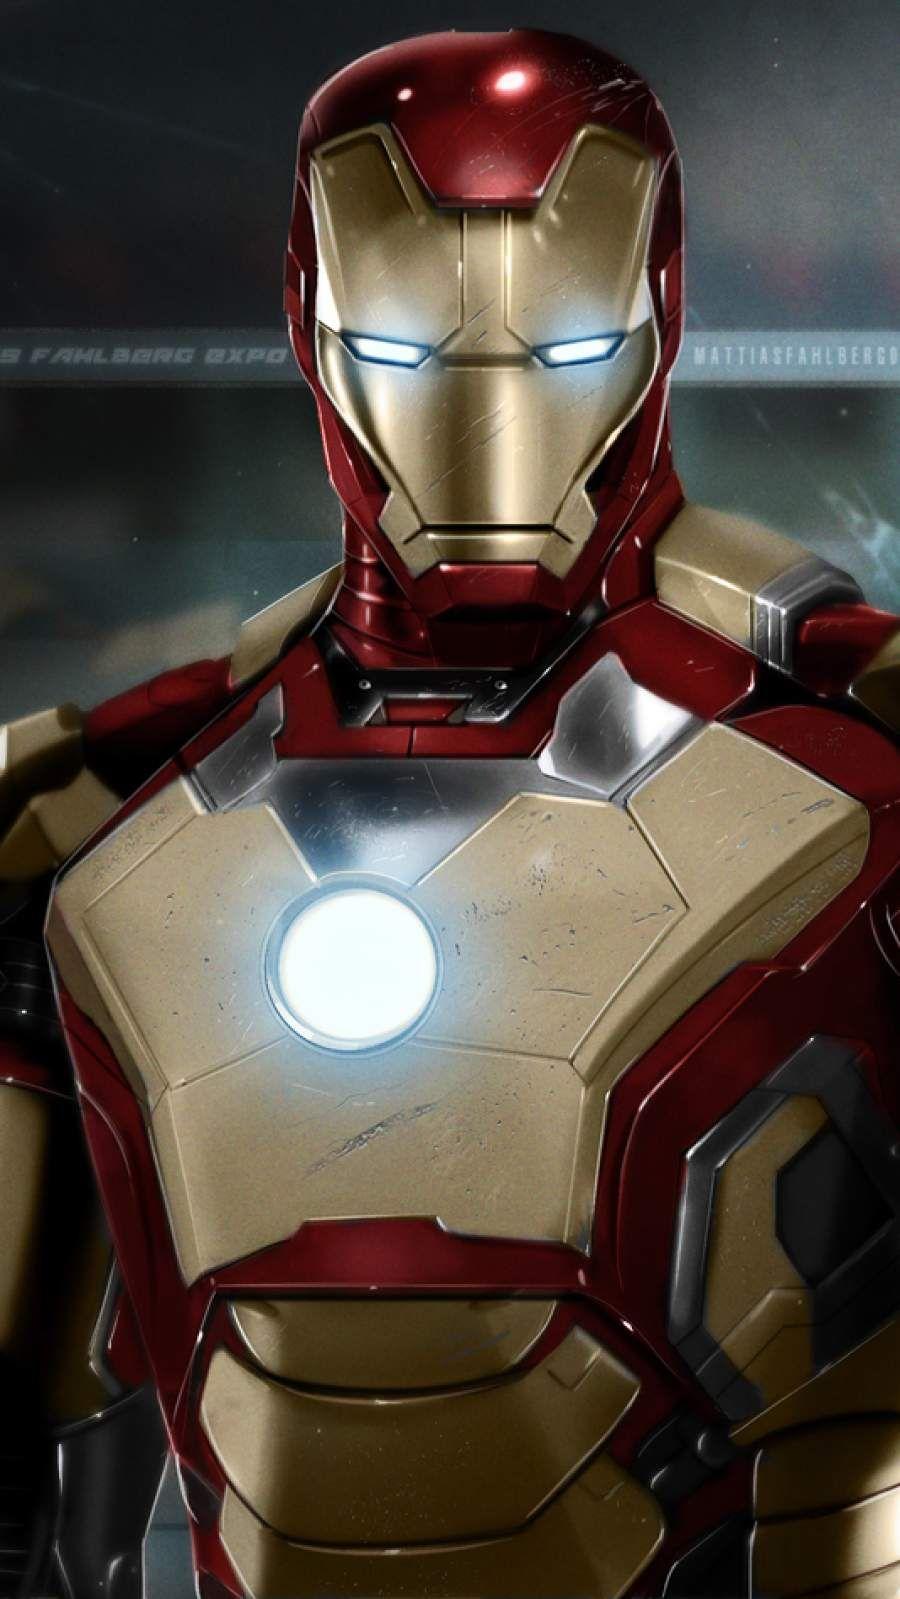 Stark Expo 74 Tony Stark Inspired by Iron Man Black Men Shirt